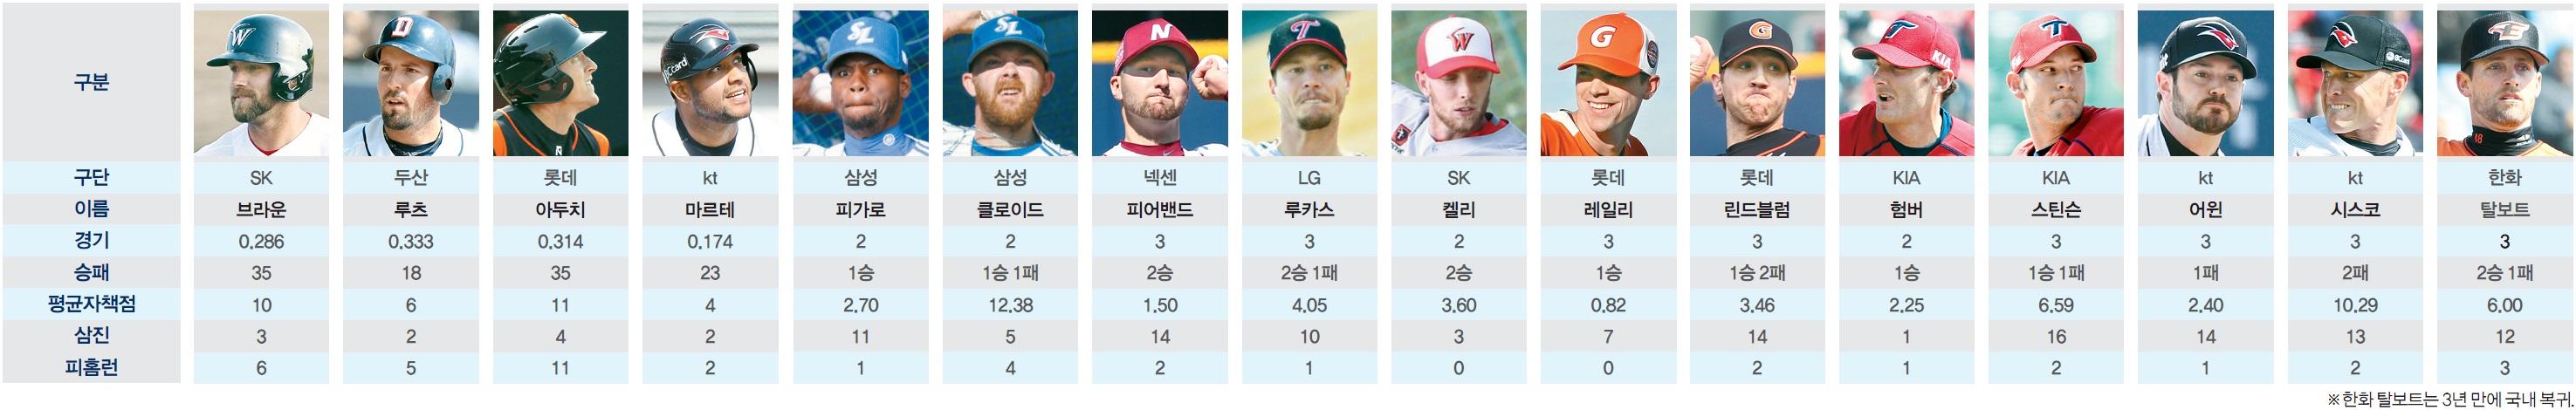 2015 시즌 새 외국인 선수들의 시범경기 성적..jpg